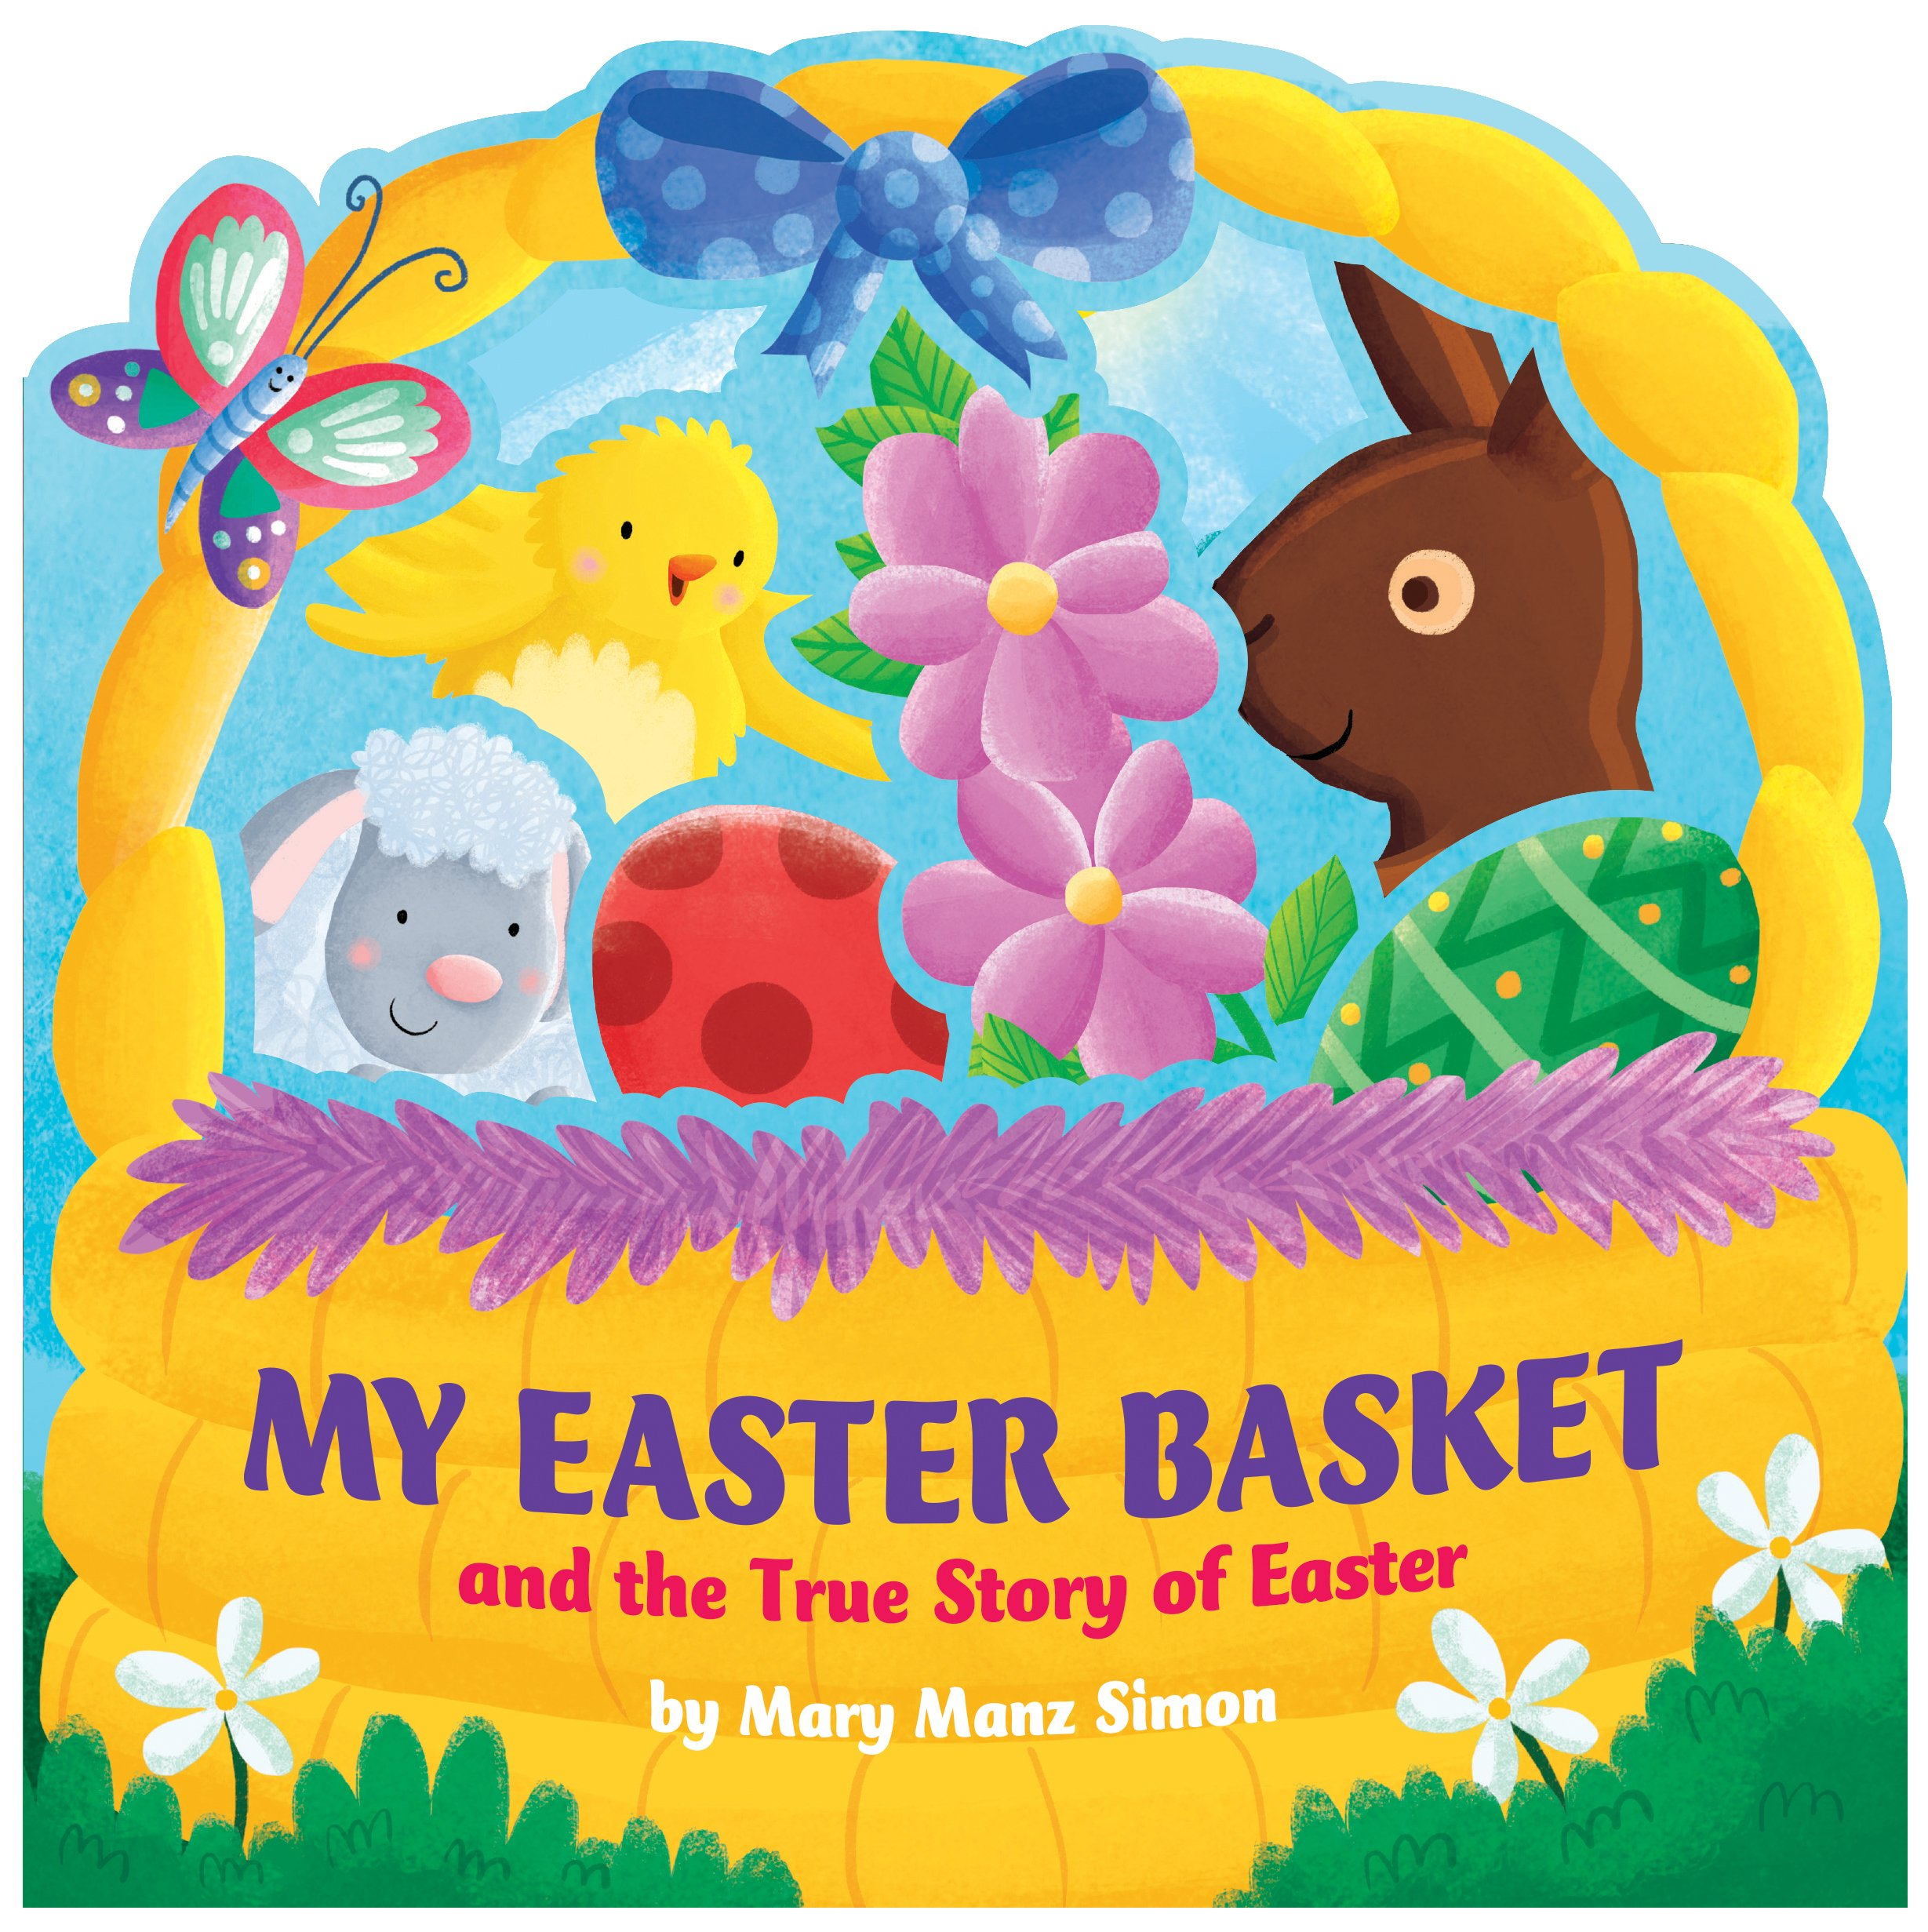 My Easter Basket (die-cut): The True Story of Easter